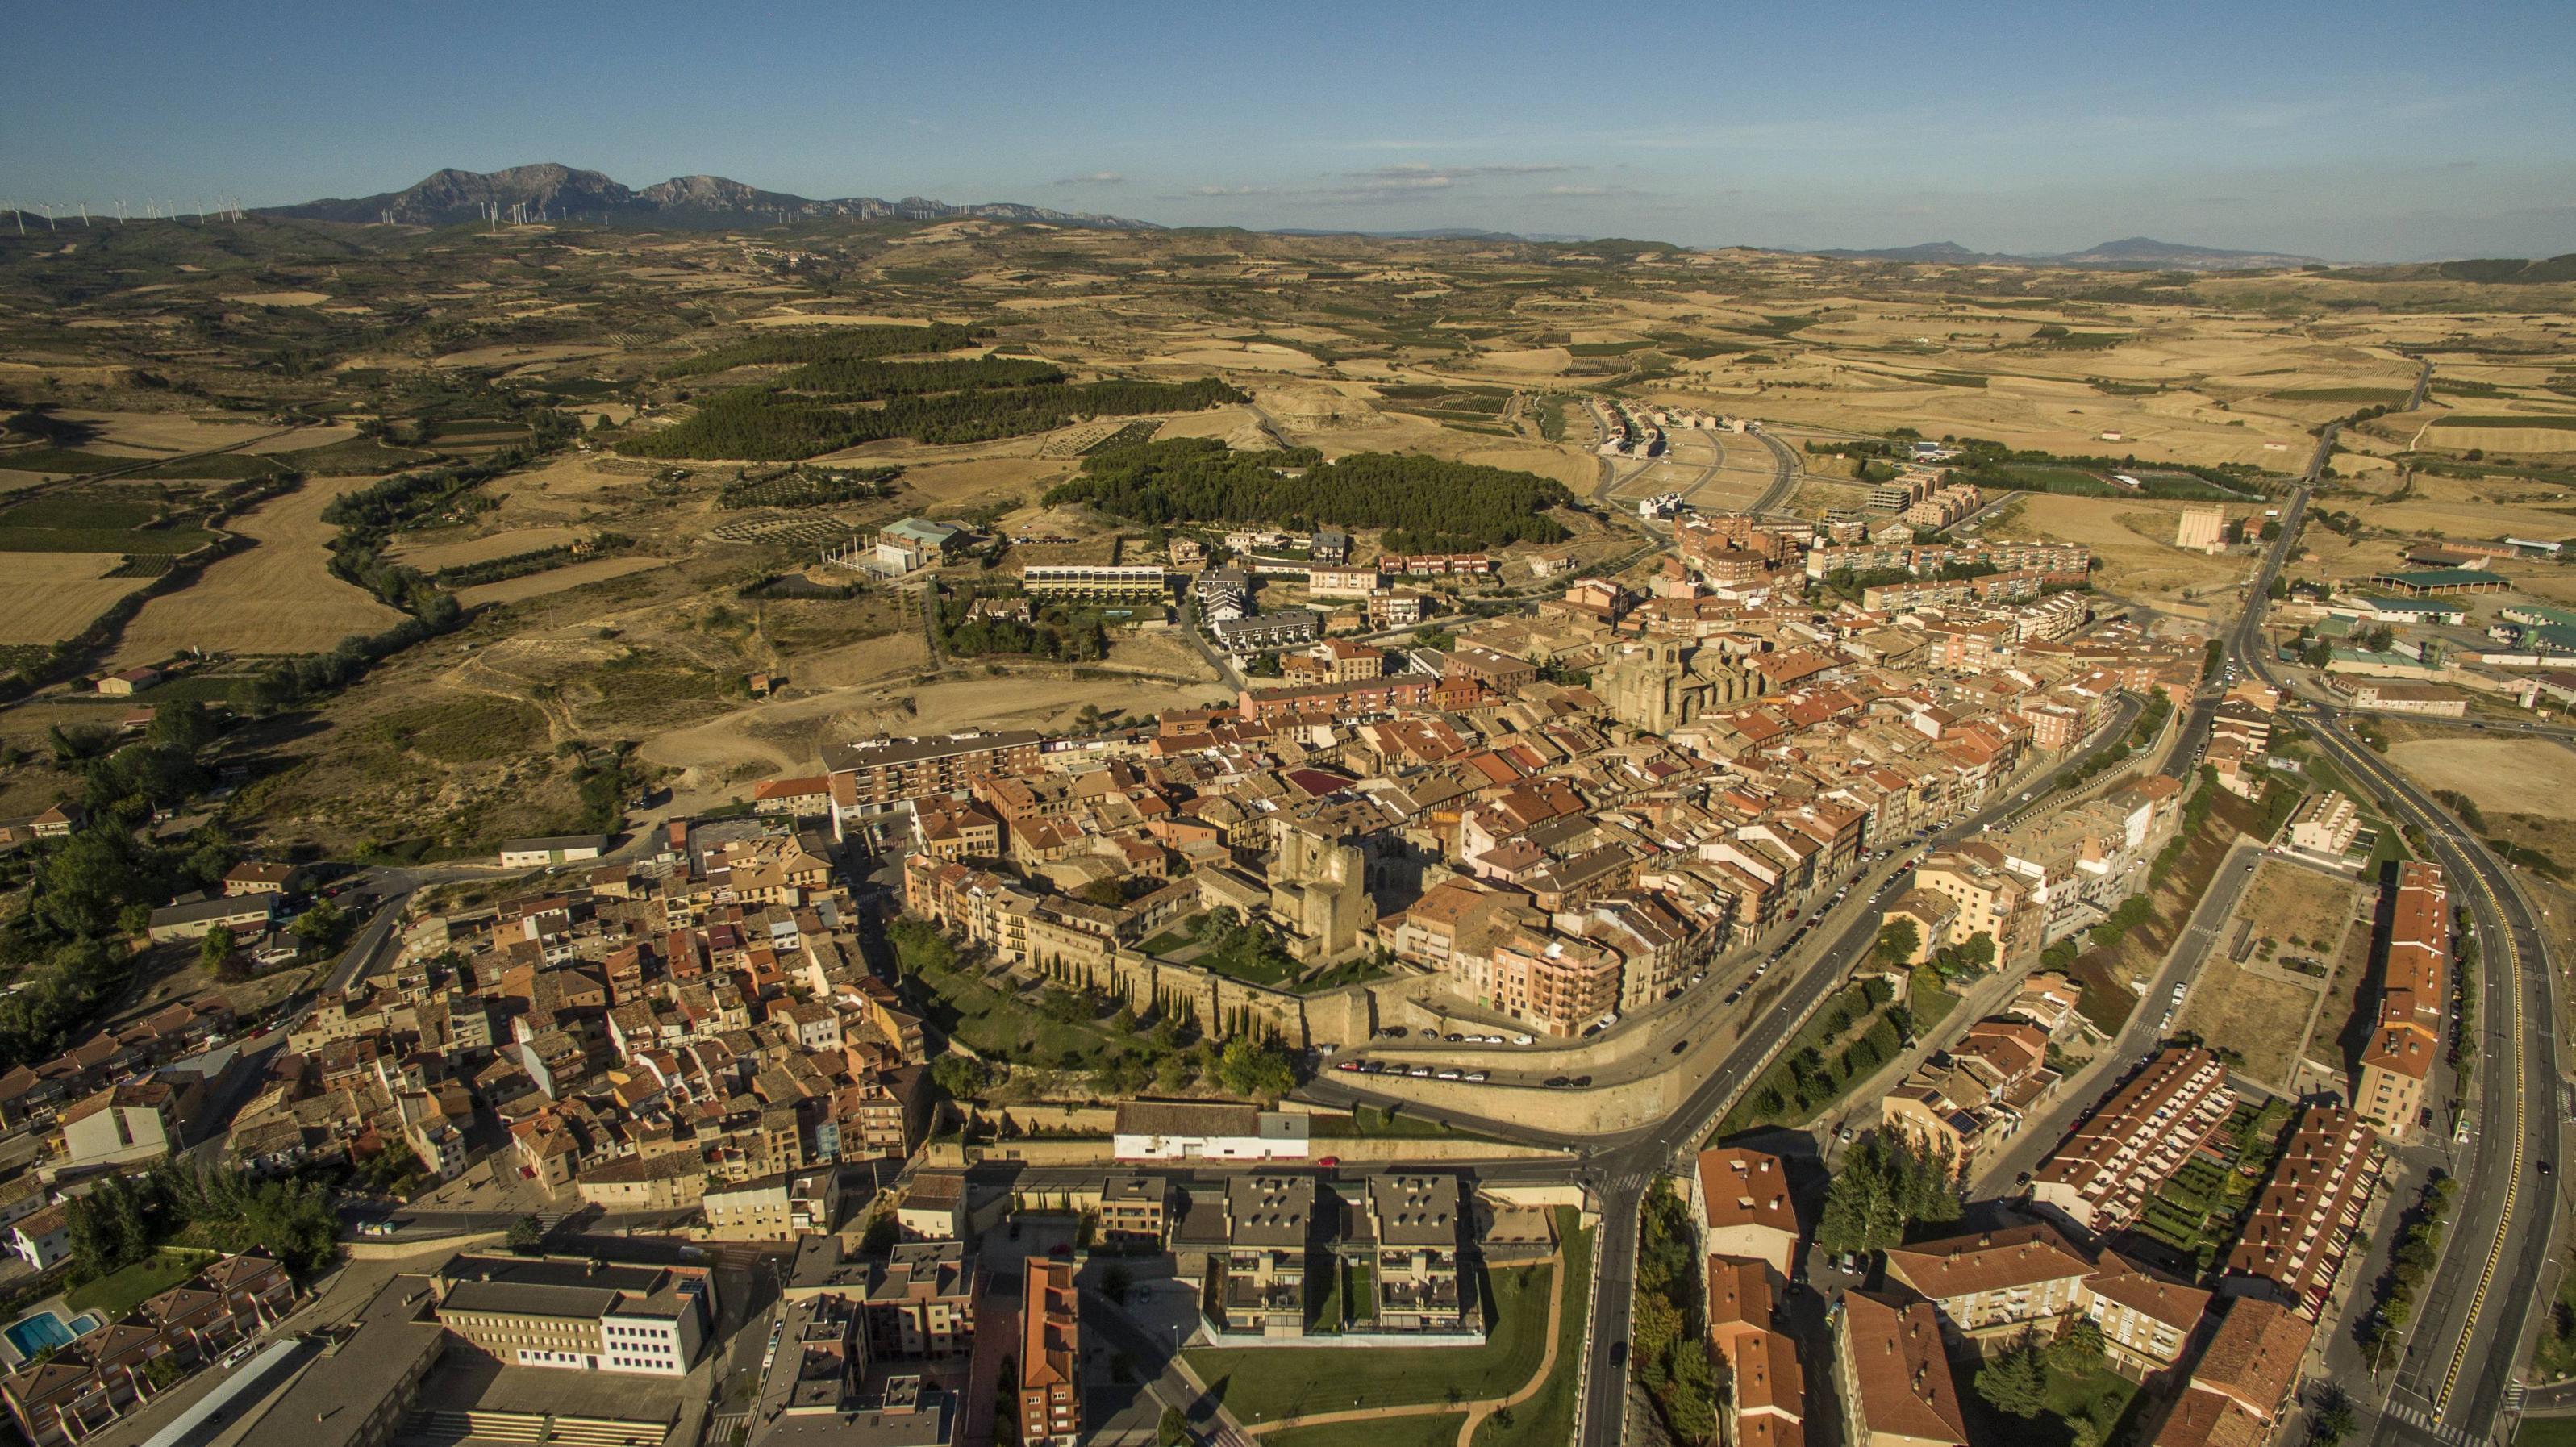 De omgeving is zo nu en dan best fraai (Foto: Panoramio)